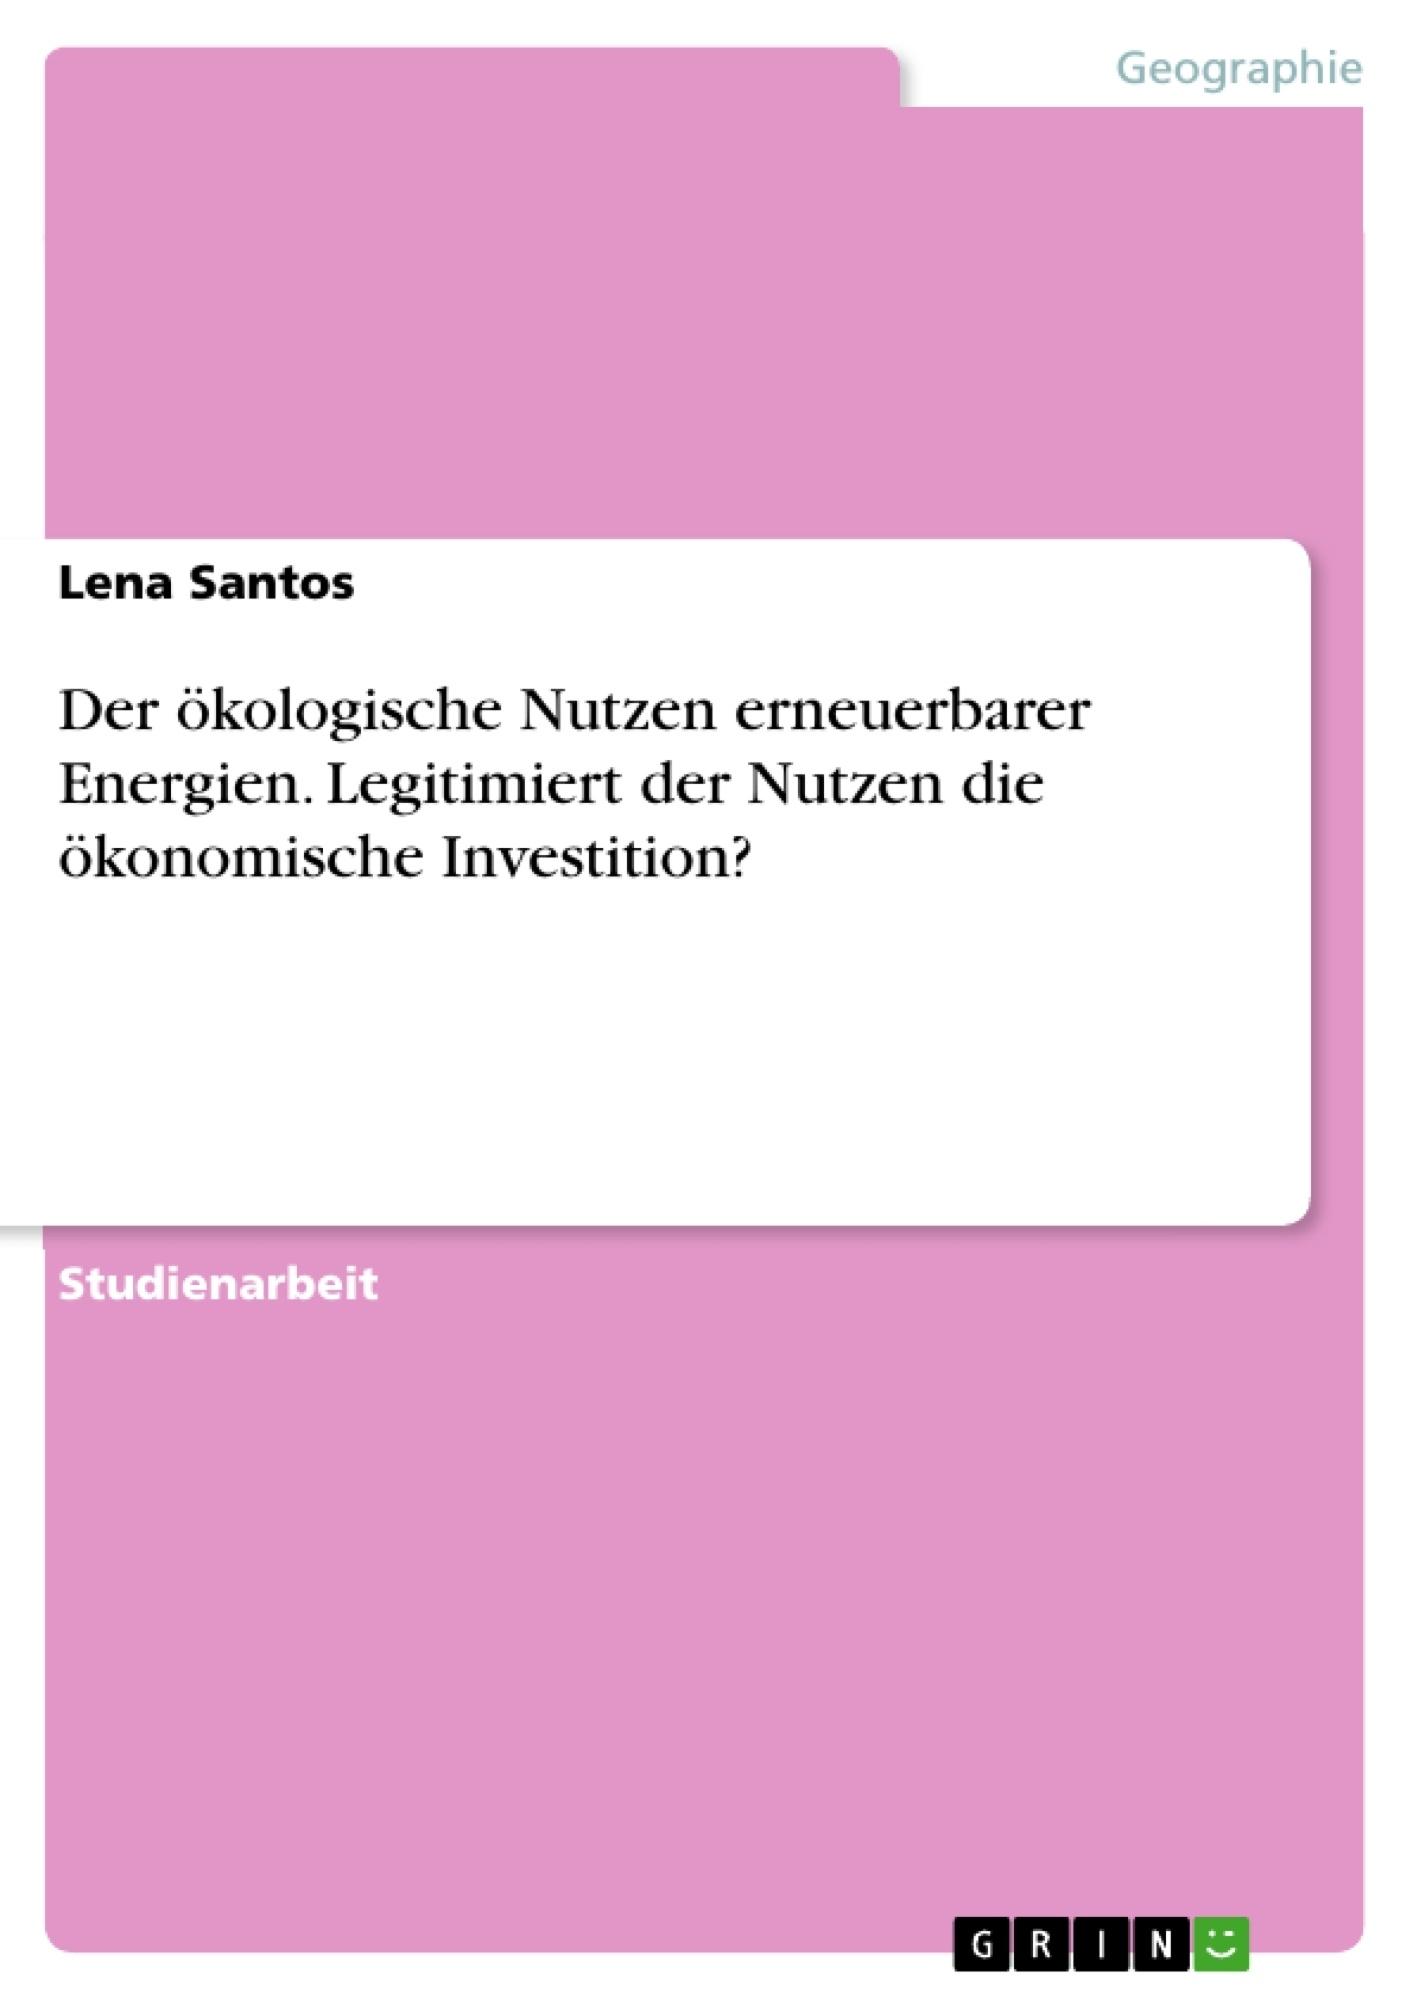 Titel: Der ökologische Nutzen erneuerbarer Energien. Legitimiert der Nutzen die ökonomische Investition?